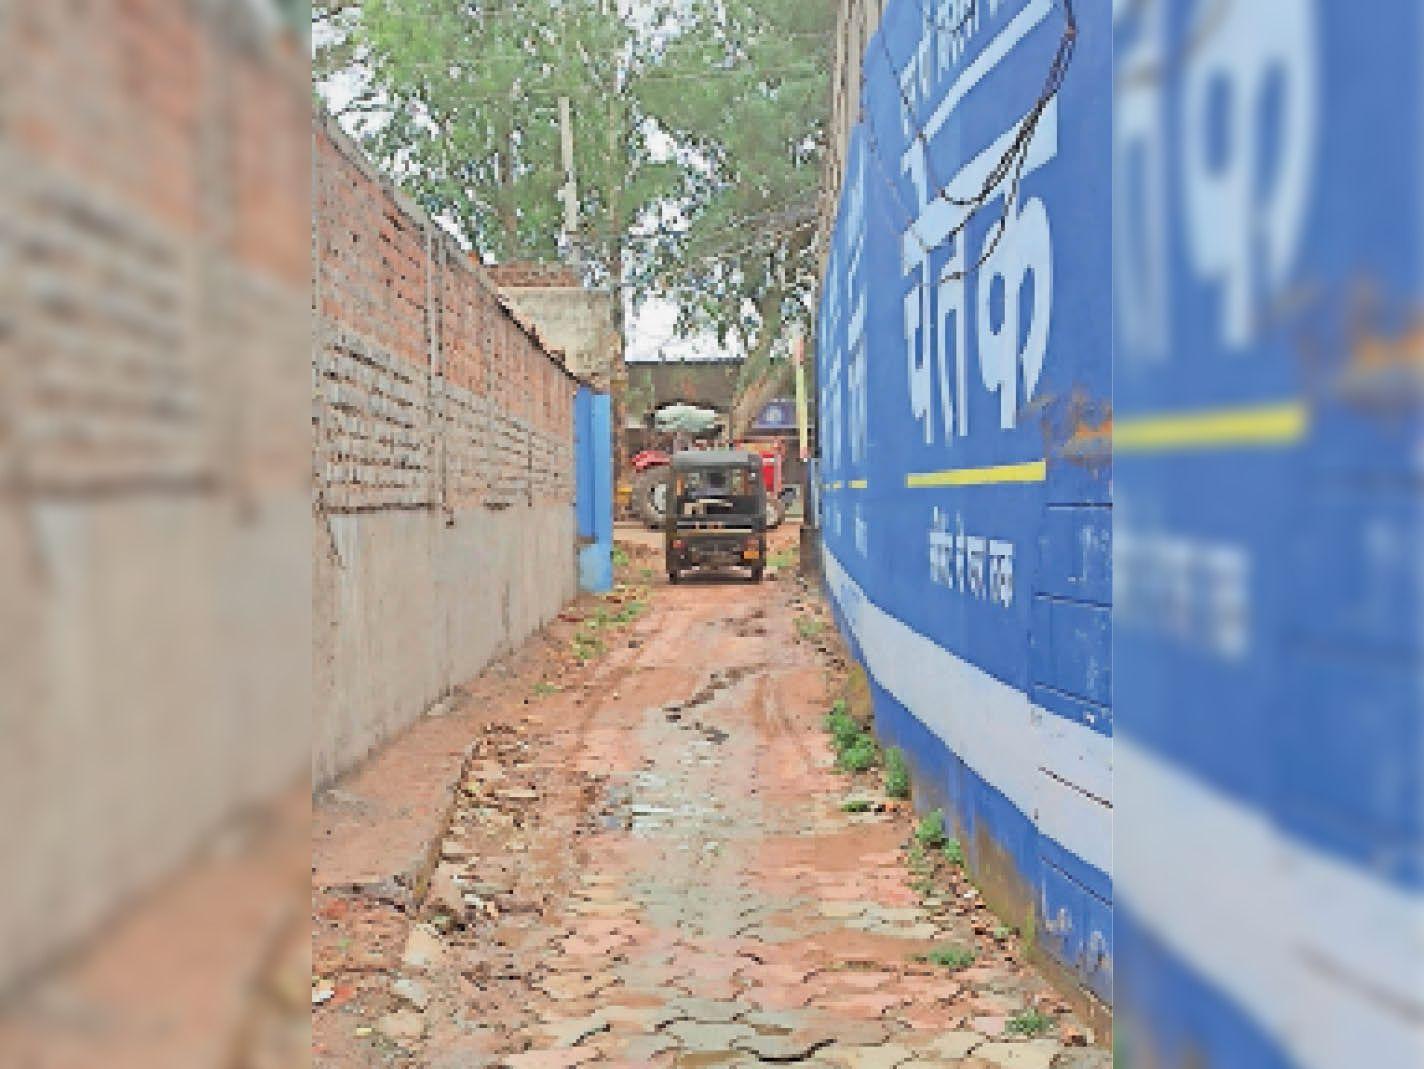 होशंगाबाद प्रतिष्ठान के सामने खड़े ट्रैक्टर ट्रॉली की वजह से आवागमन में दिक्कत। - Dainik Bhaskar